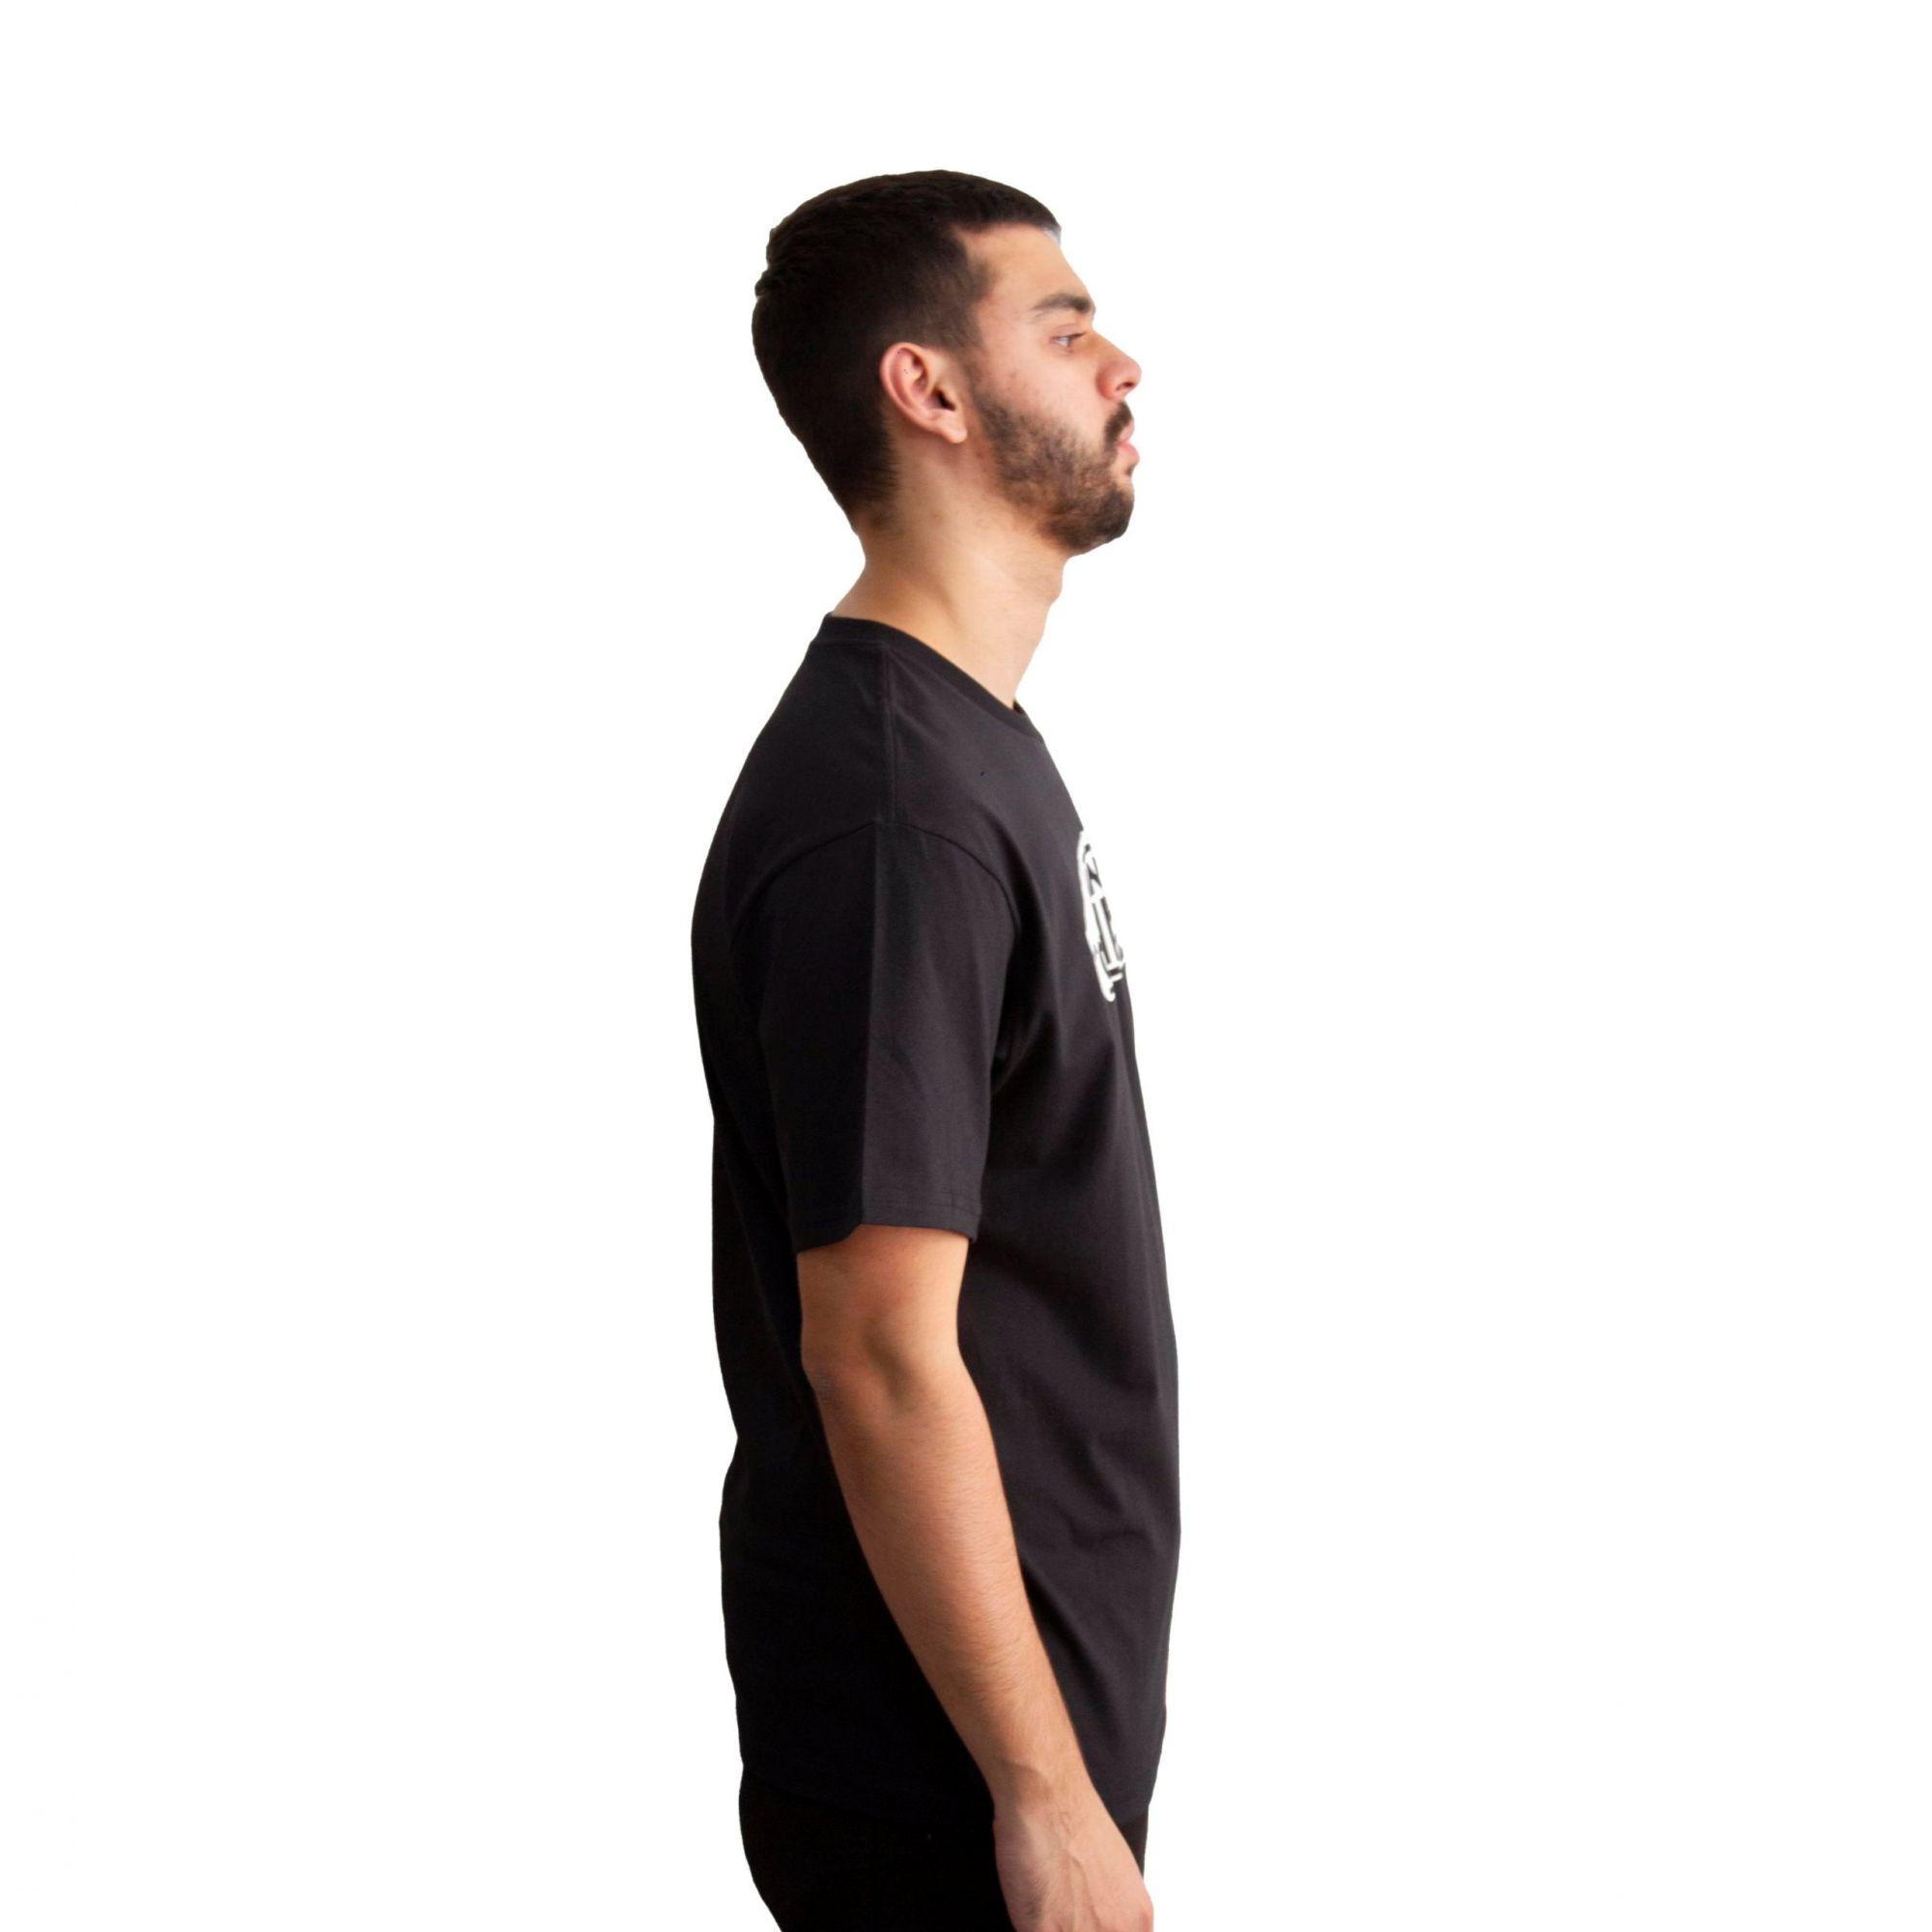 Camiseta Vans Off The Wall Preta